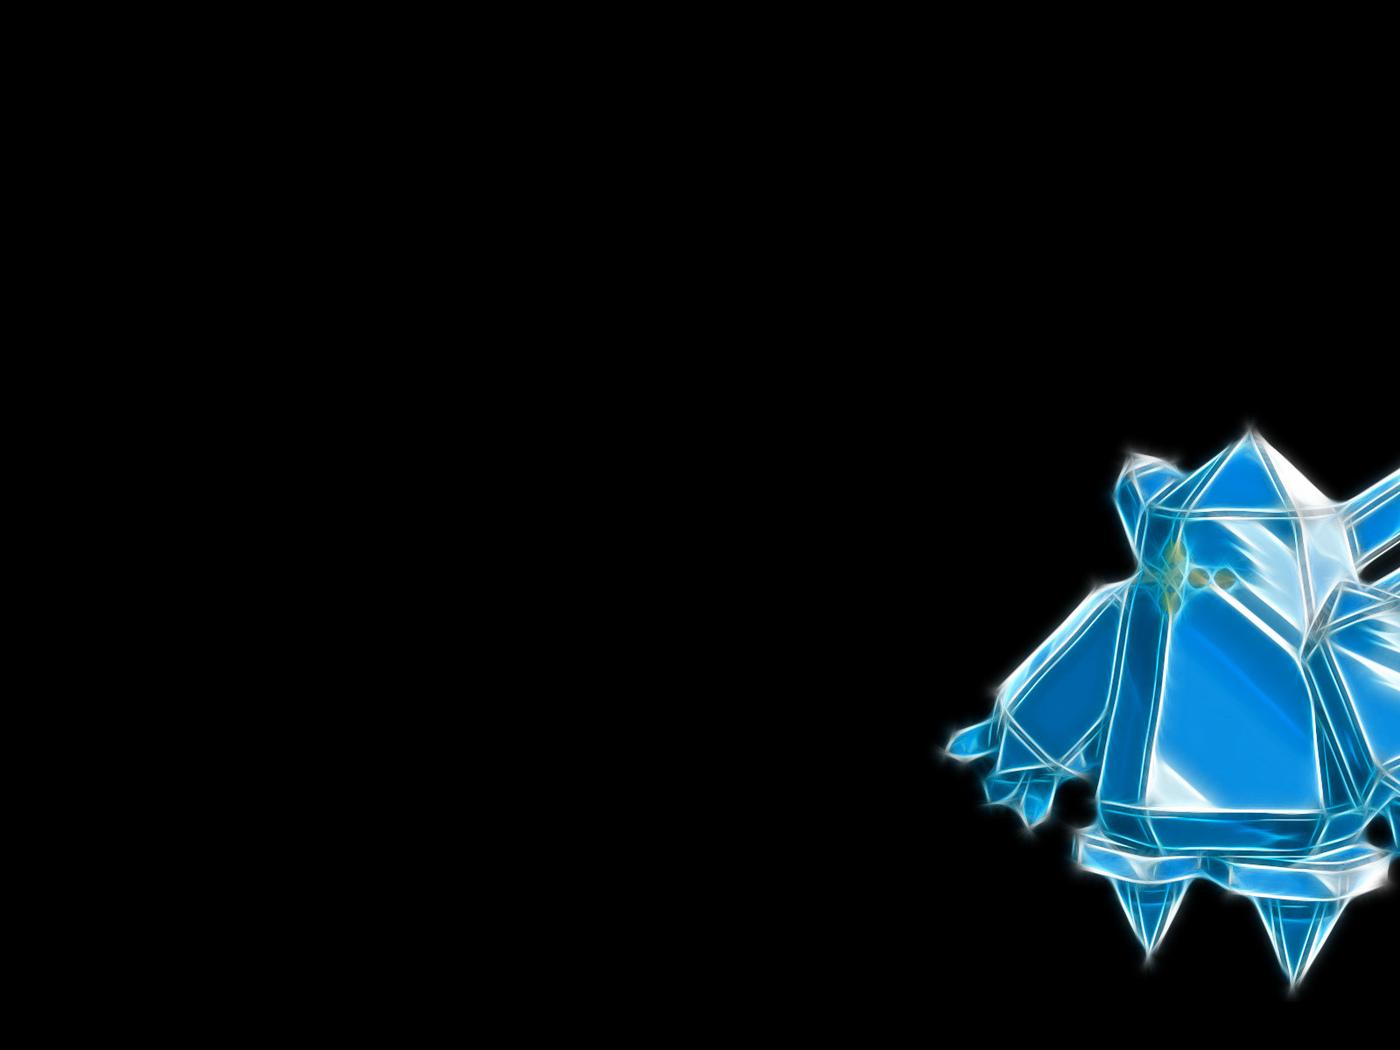 regice, pokemon